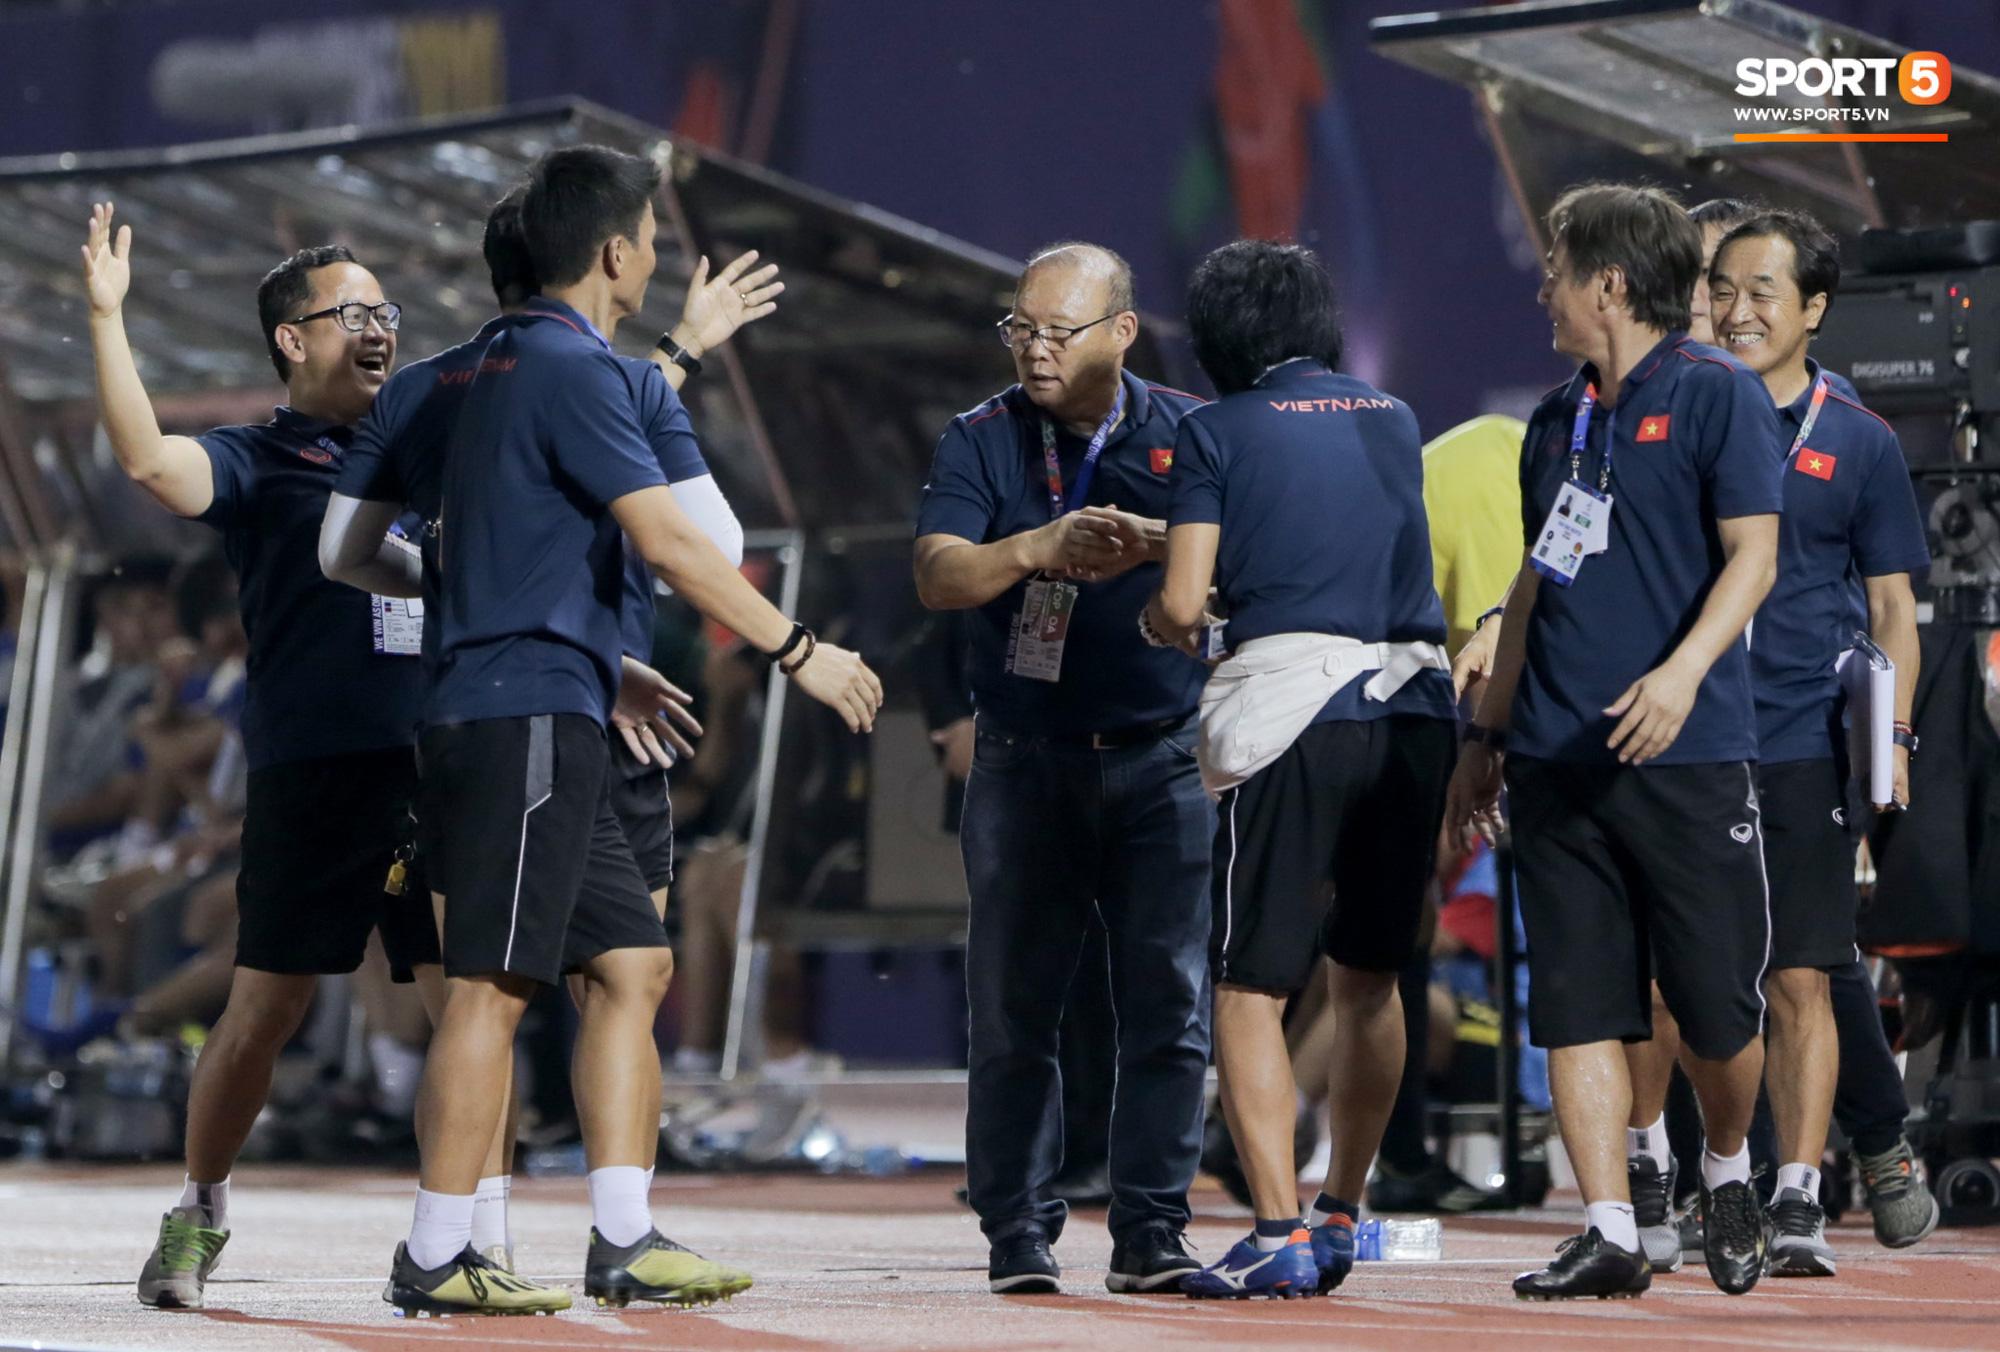 HLV U22 Thái Lan chủ động sang bắt tay thầy Park, hẹn phân thắng bại ở trận tiếp theo sau 3 lần toàn hoà - Ảnh 8.